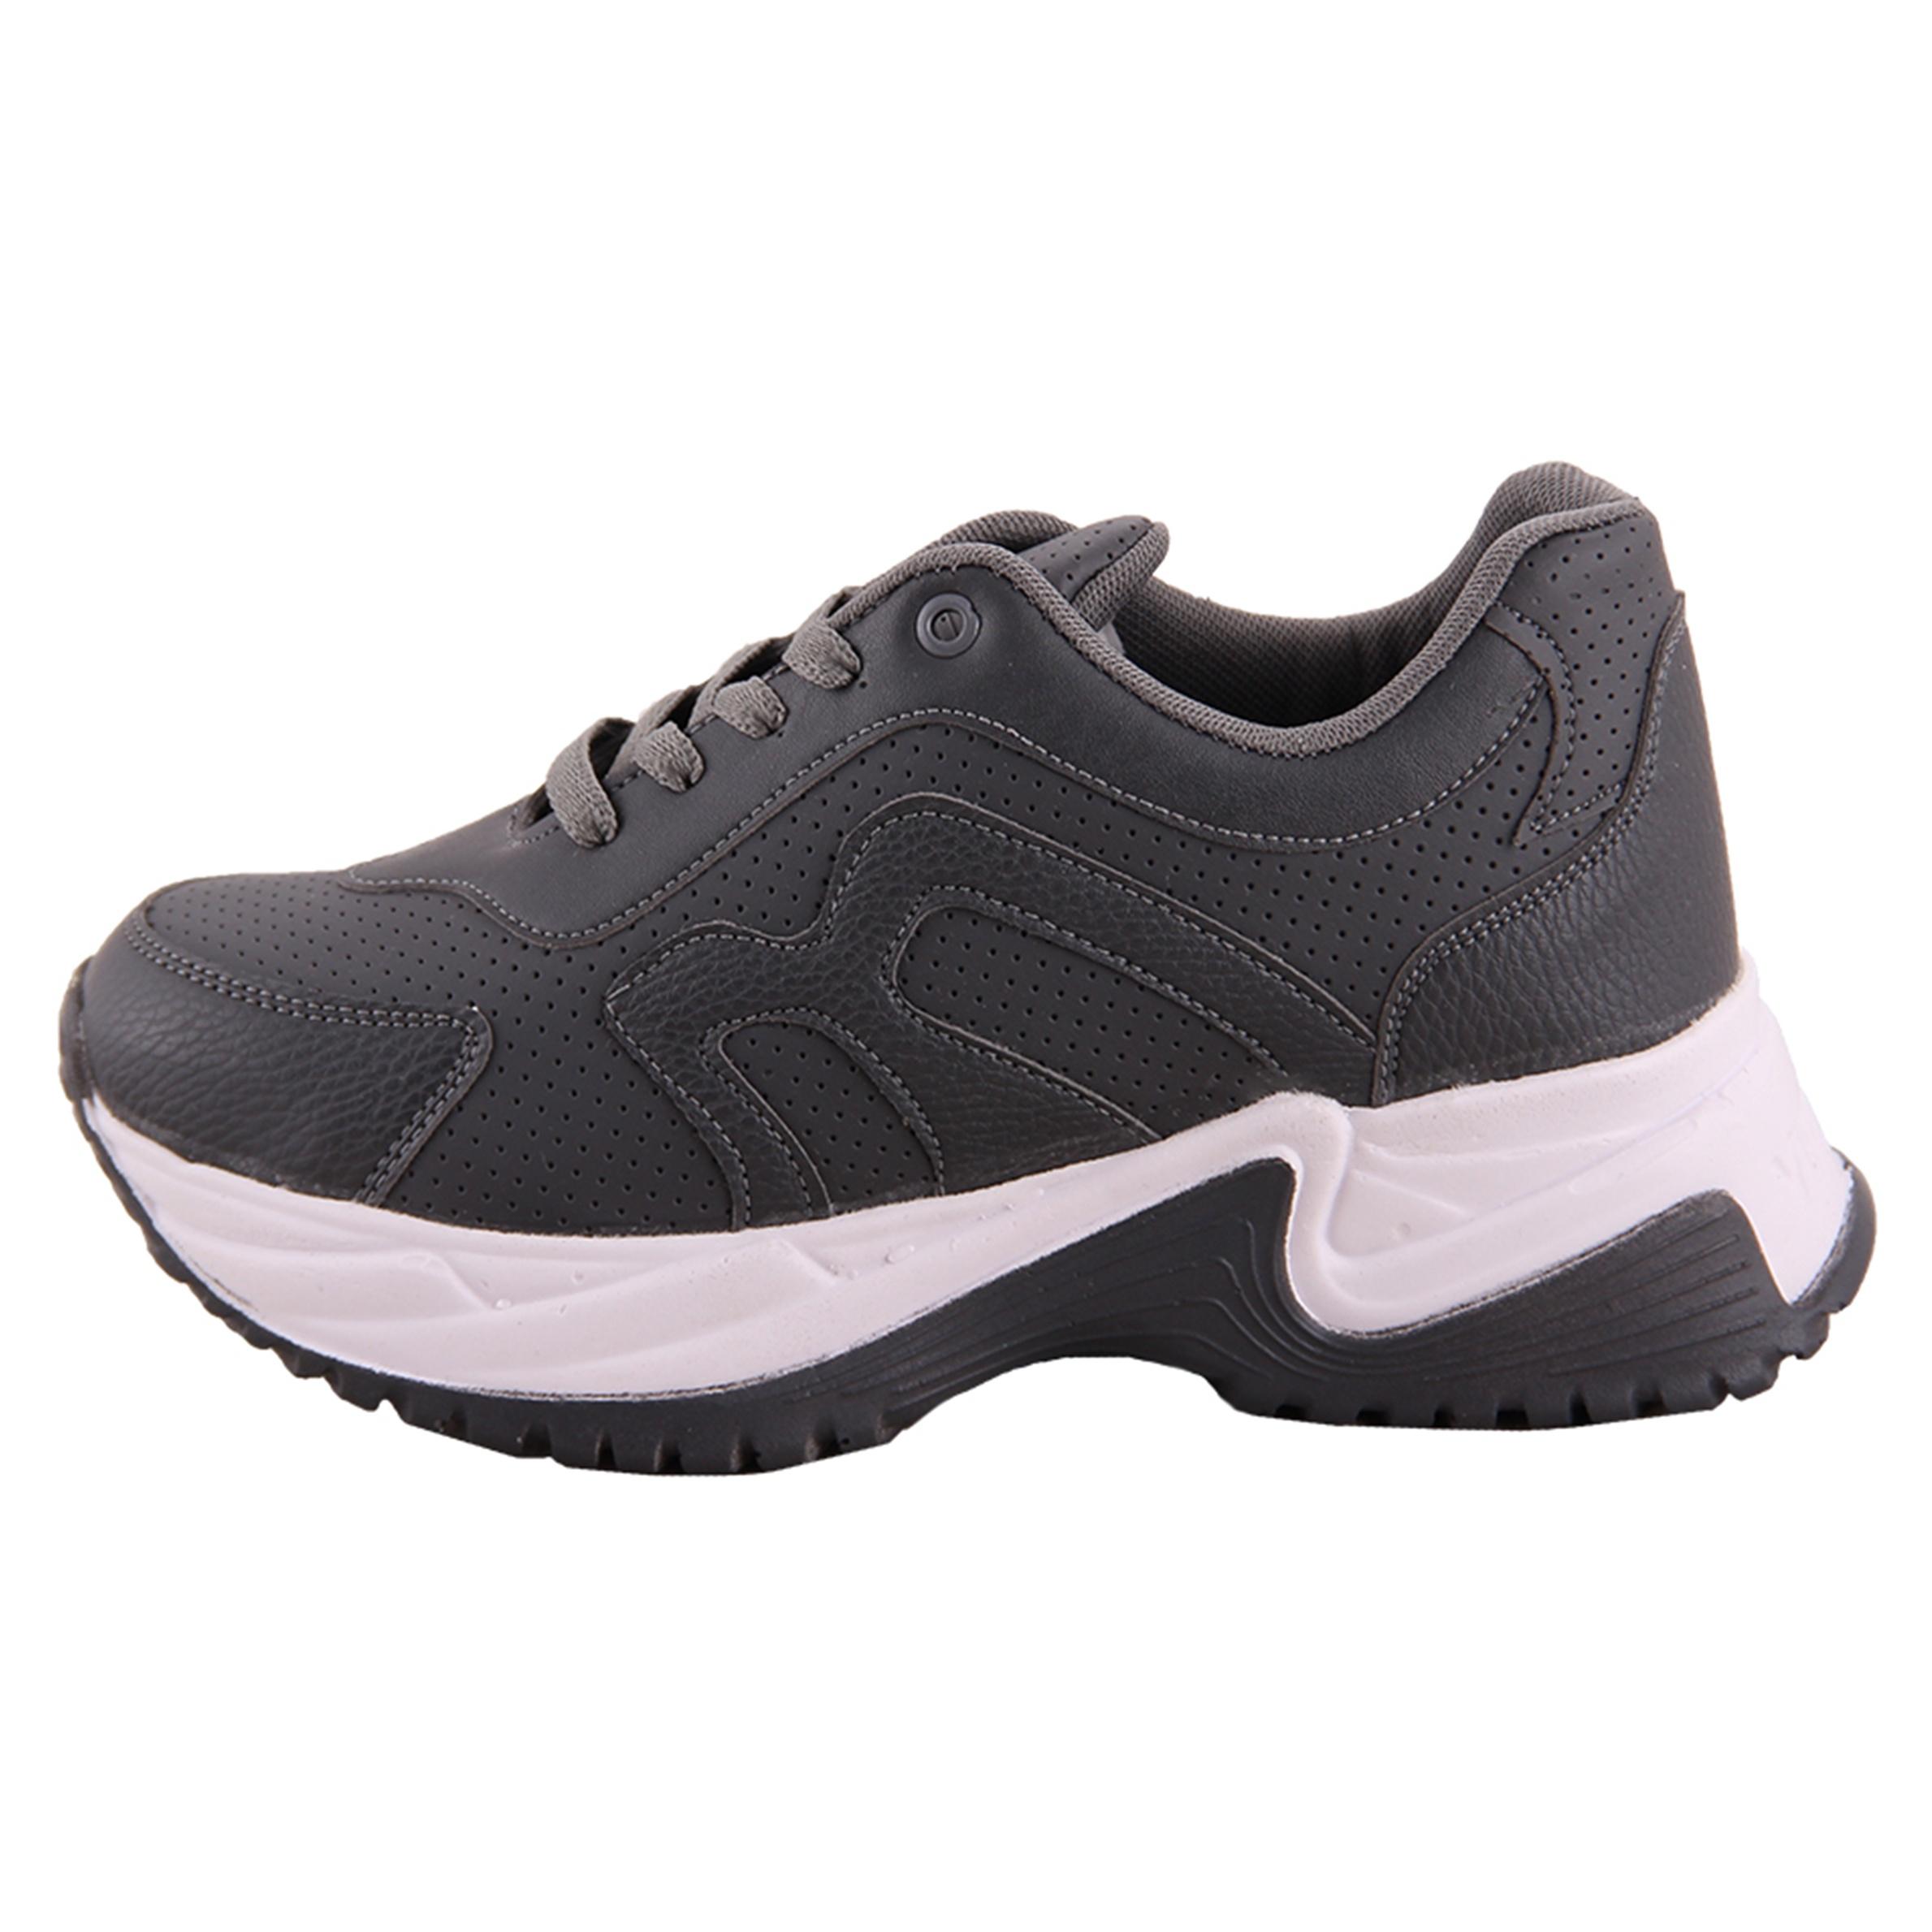 کفش مخصوص پیاده روی زنانه کد 21-2397980